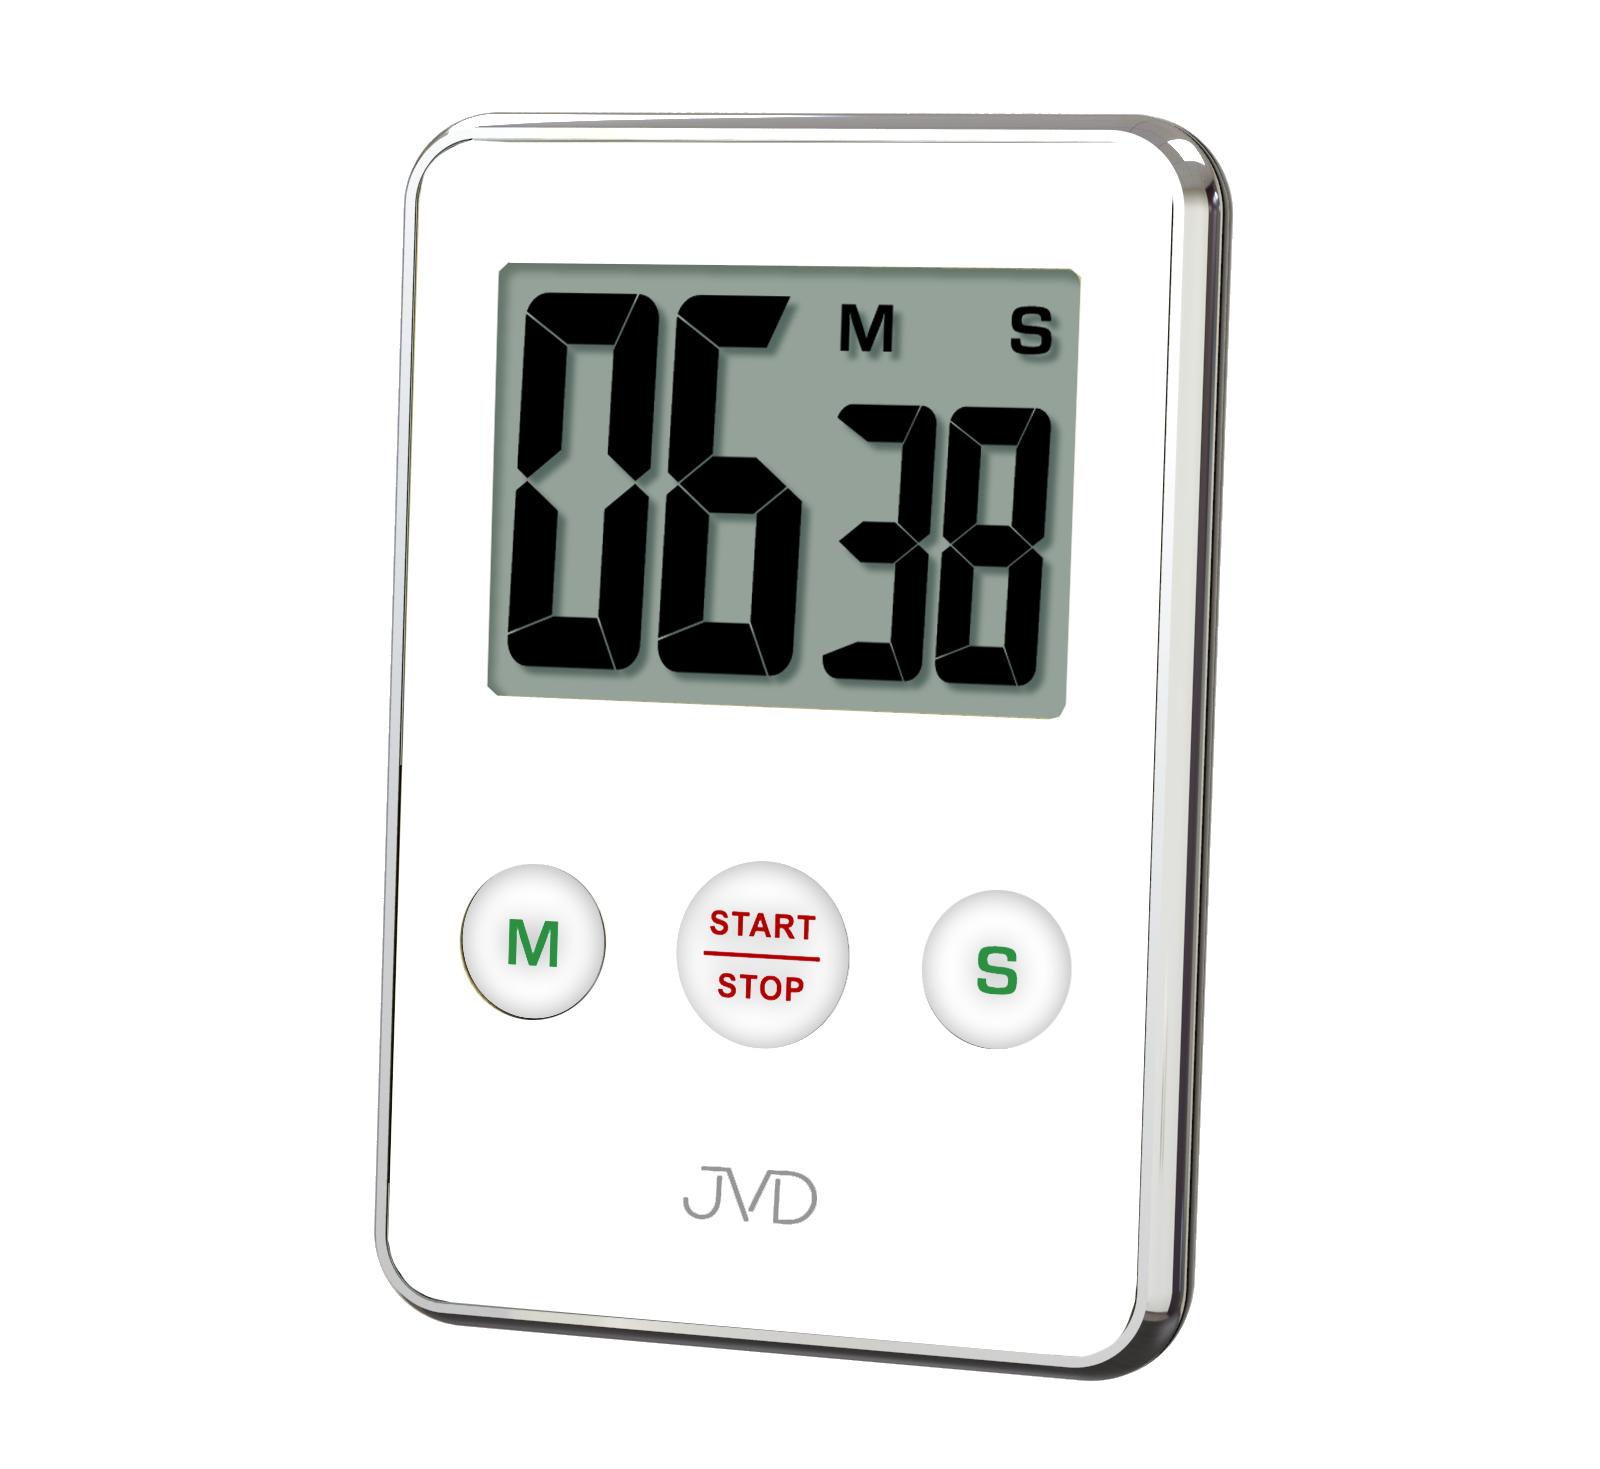 Designová digitální minutka JVD DM9206.3 s odpočtem času